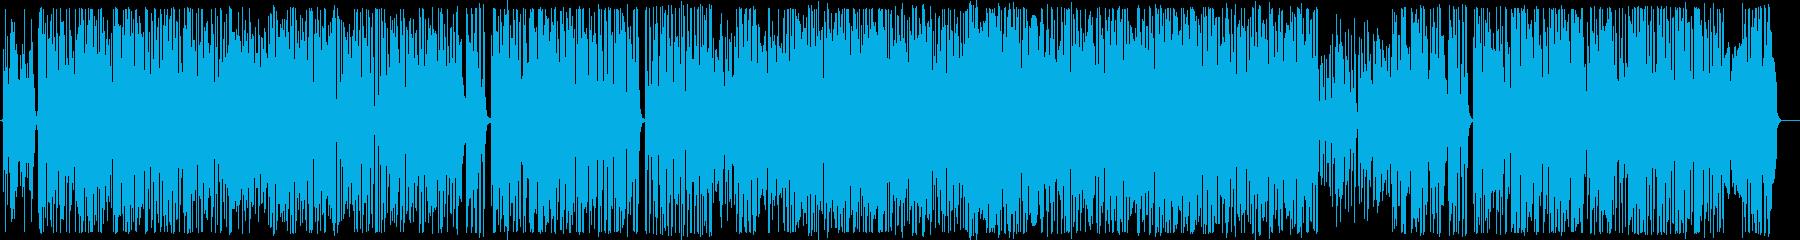 南国をイメージしたギターインストの再生済みの波形